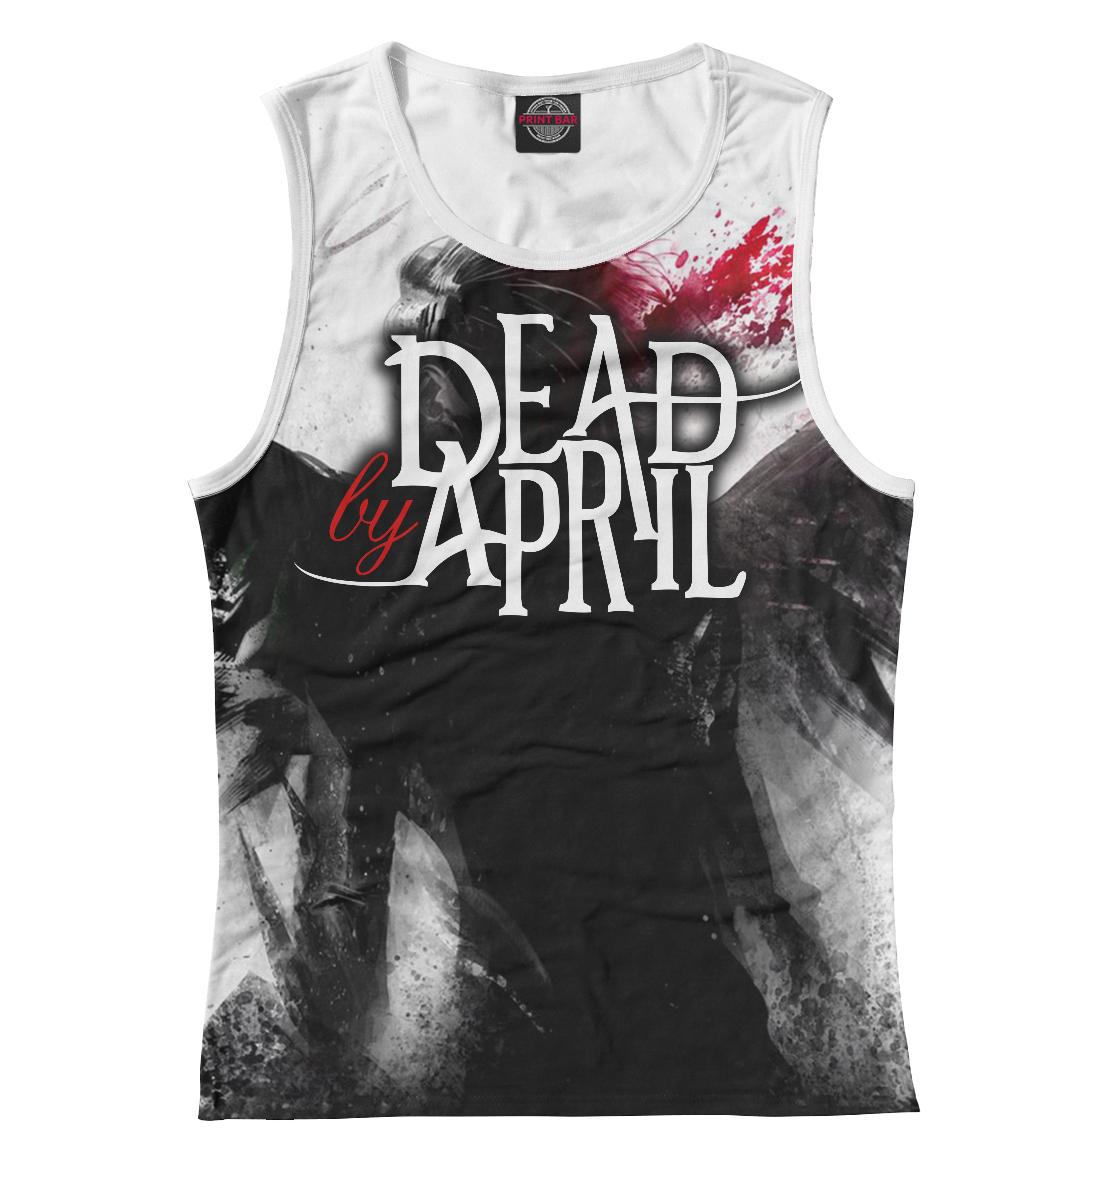 Купить Dead by April, Printbar, Майки, MZK-565862-may-1